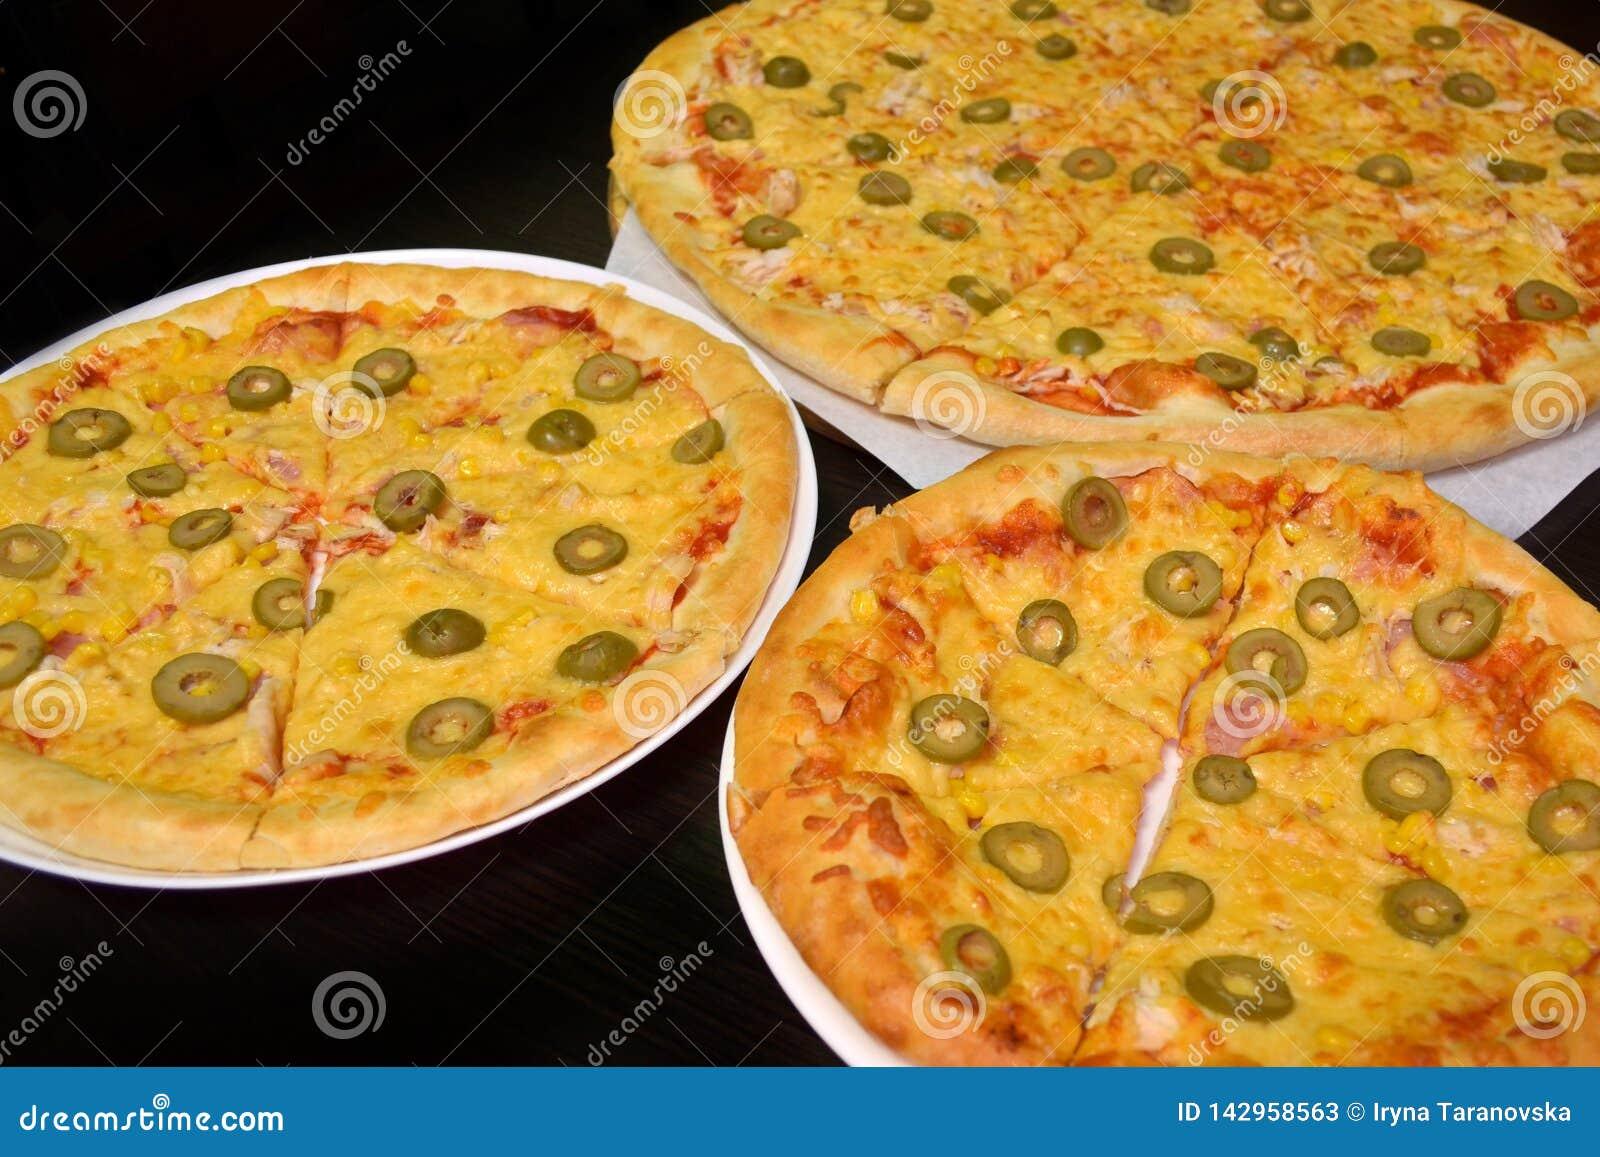 Tre pizze con formaggio ed olive delle dimensioni differenti su un fondo scuro